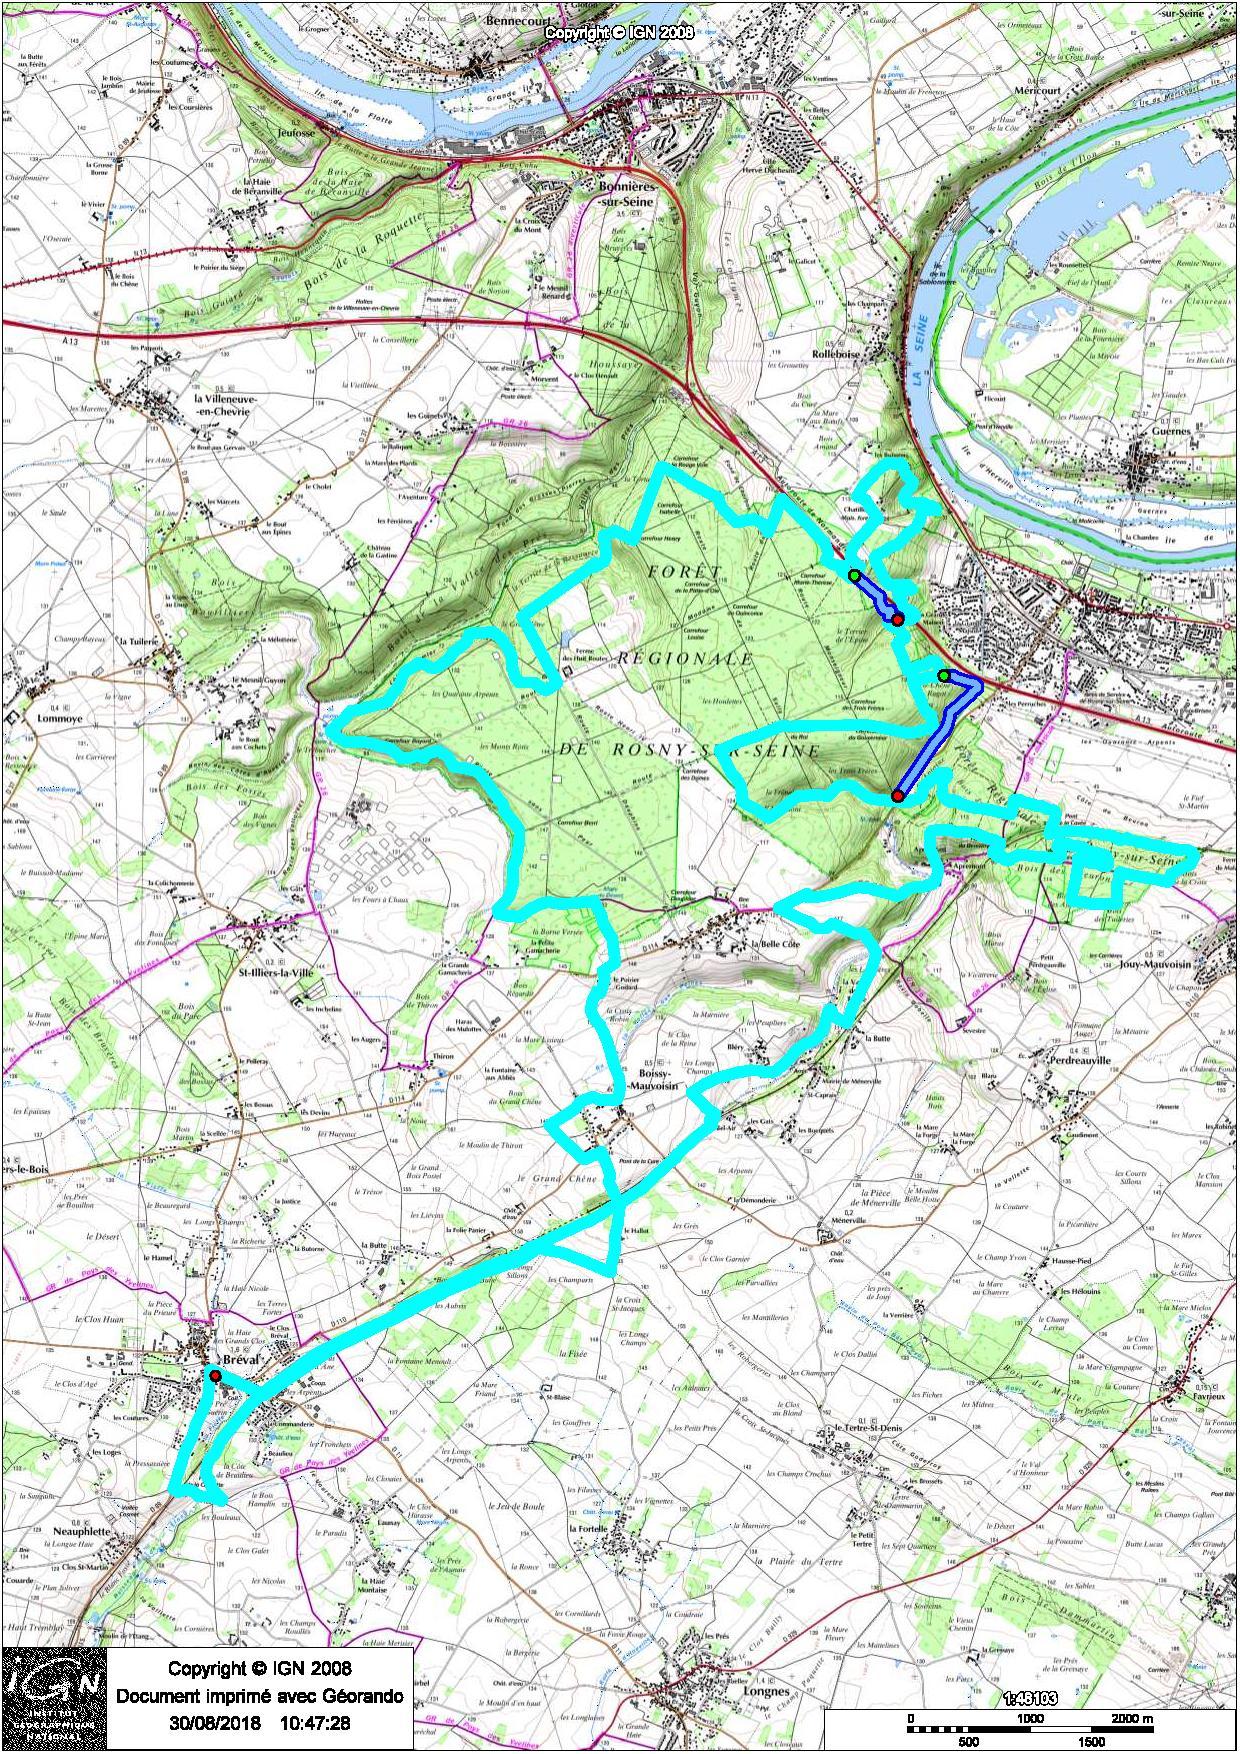 Géorando 45 km 2018-page-001 (1).jpg